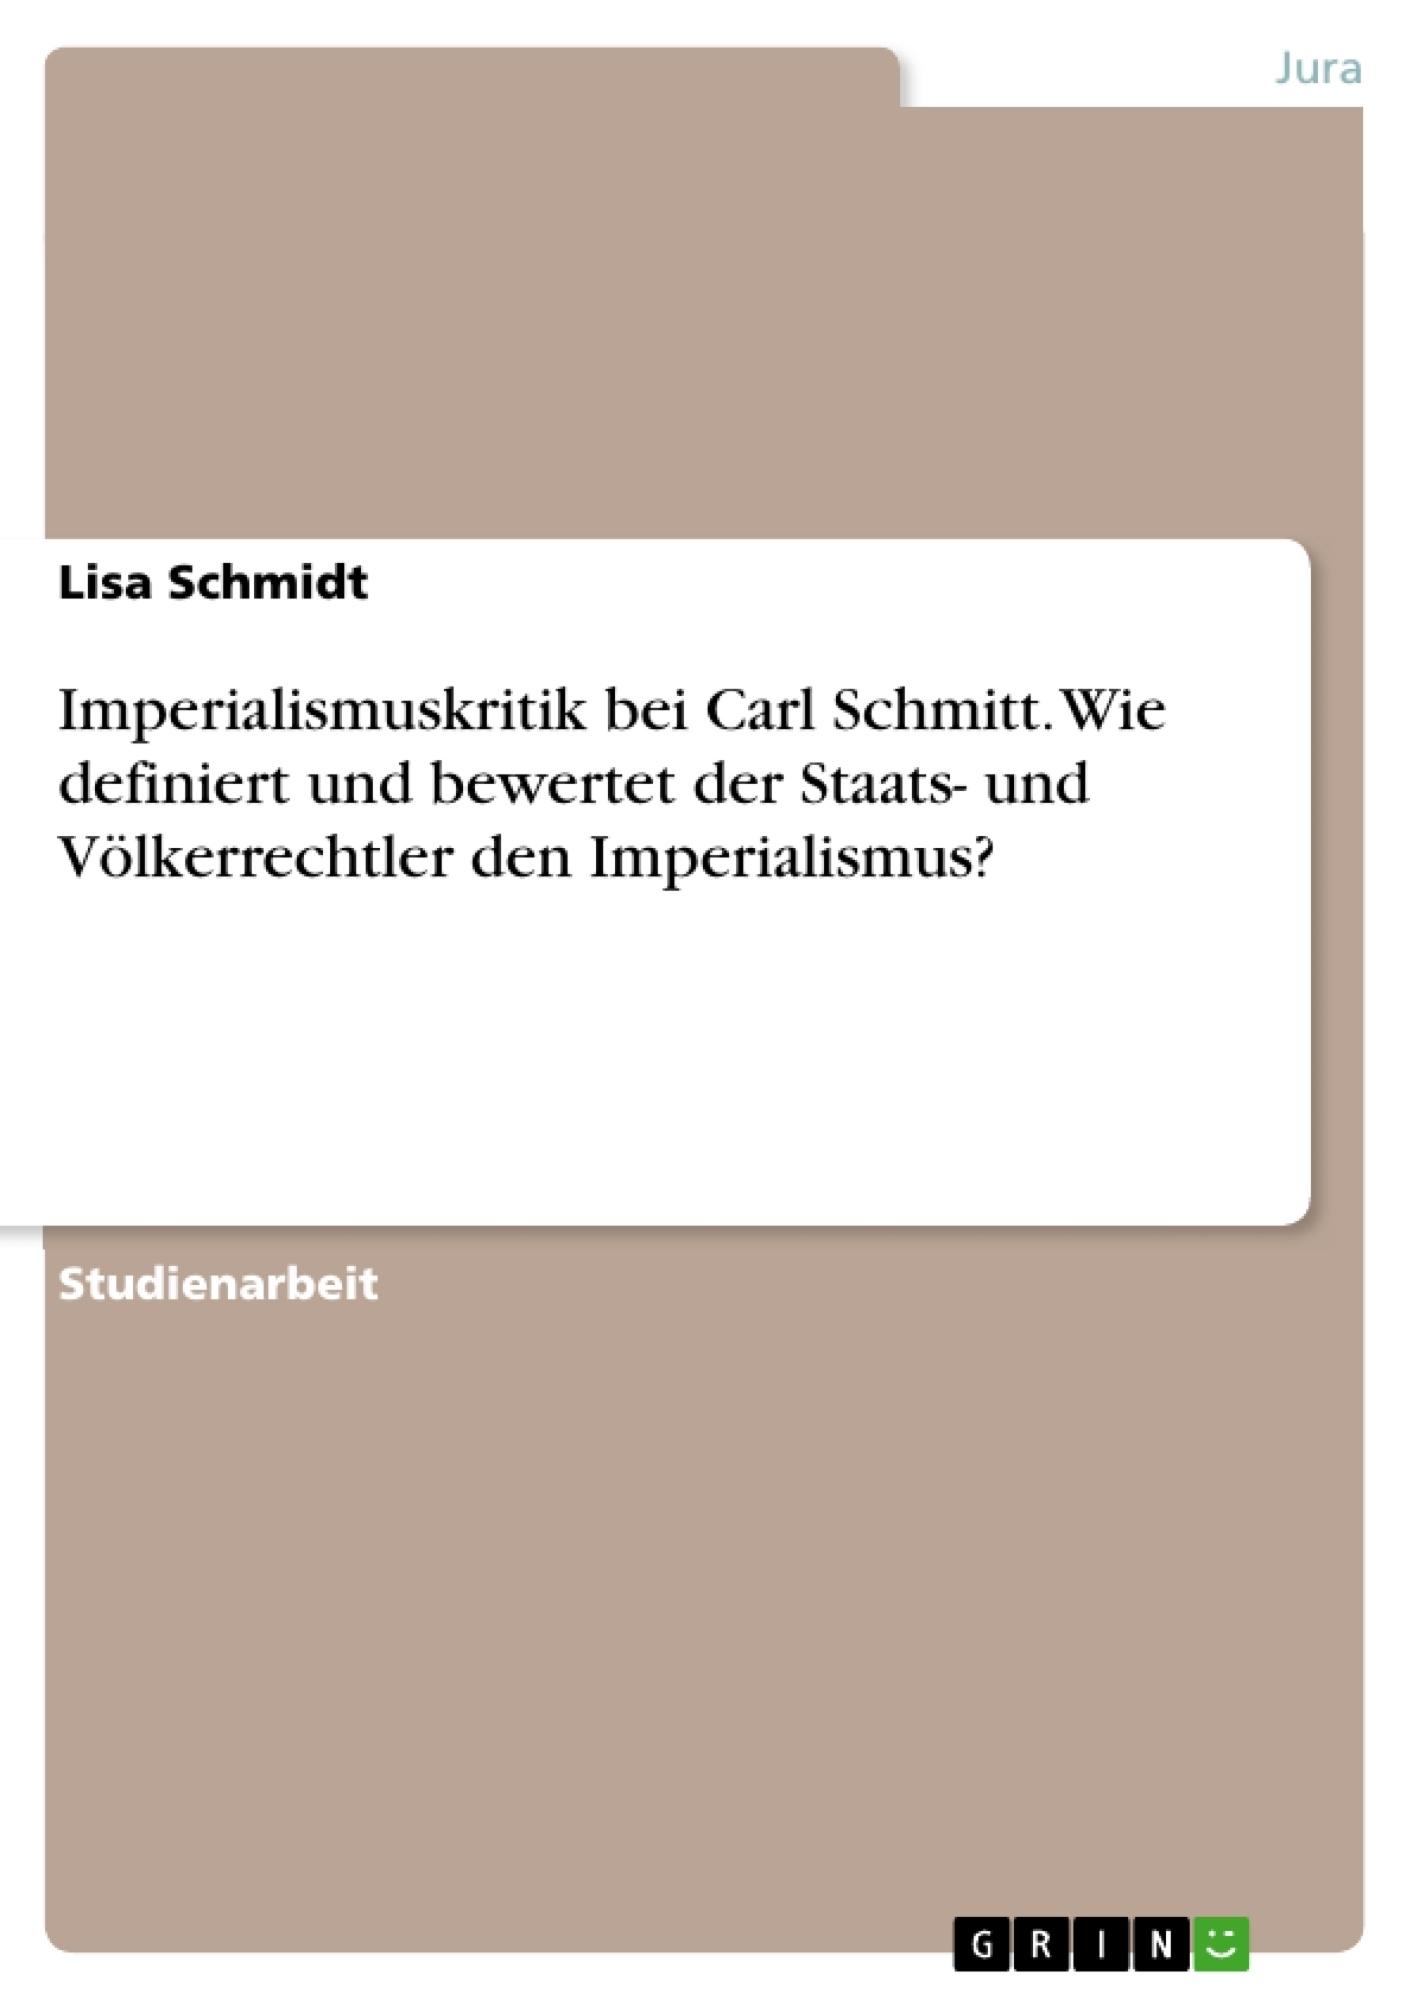 Titel: Imperialismuskritik bei Carl Schmitt. Wie definiert und bewertet der Staats- und Völkerrechtler den Imperialismus?